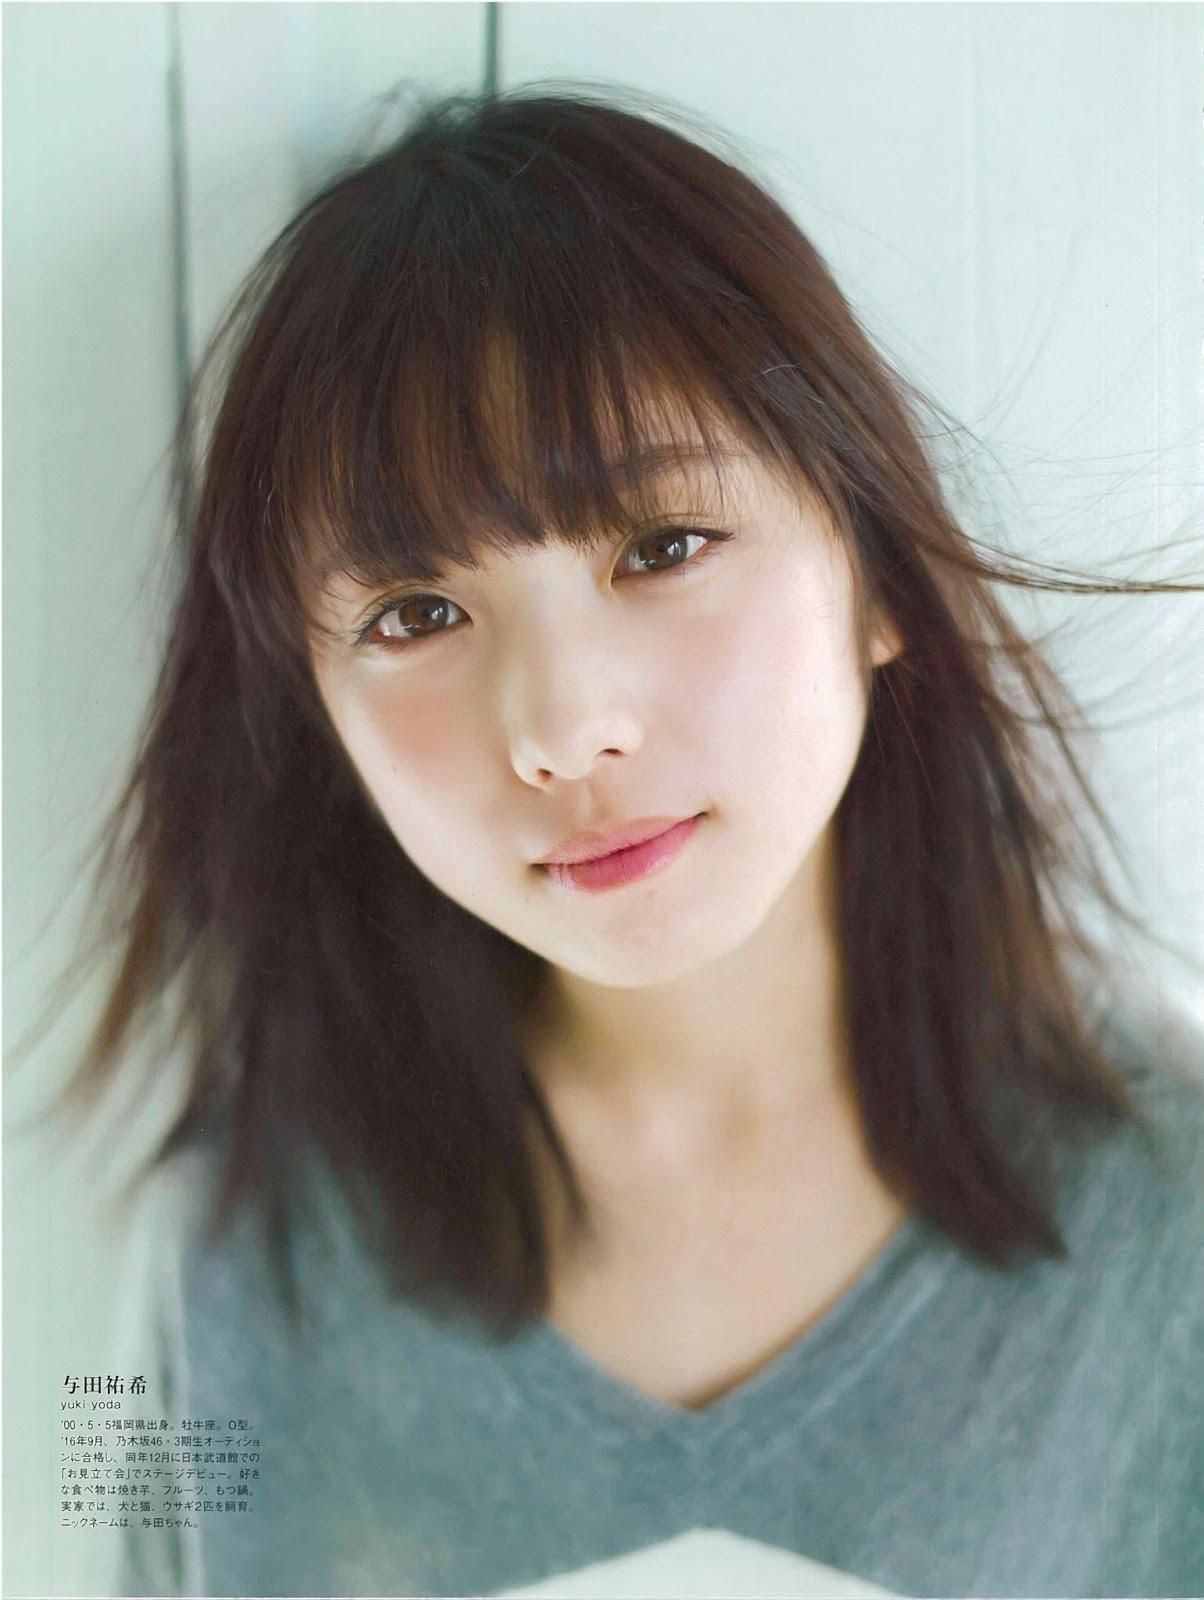 与田祐希 乃木坂46よだちゃんの膨らみかけおっぱいセクシー画像